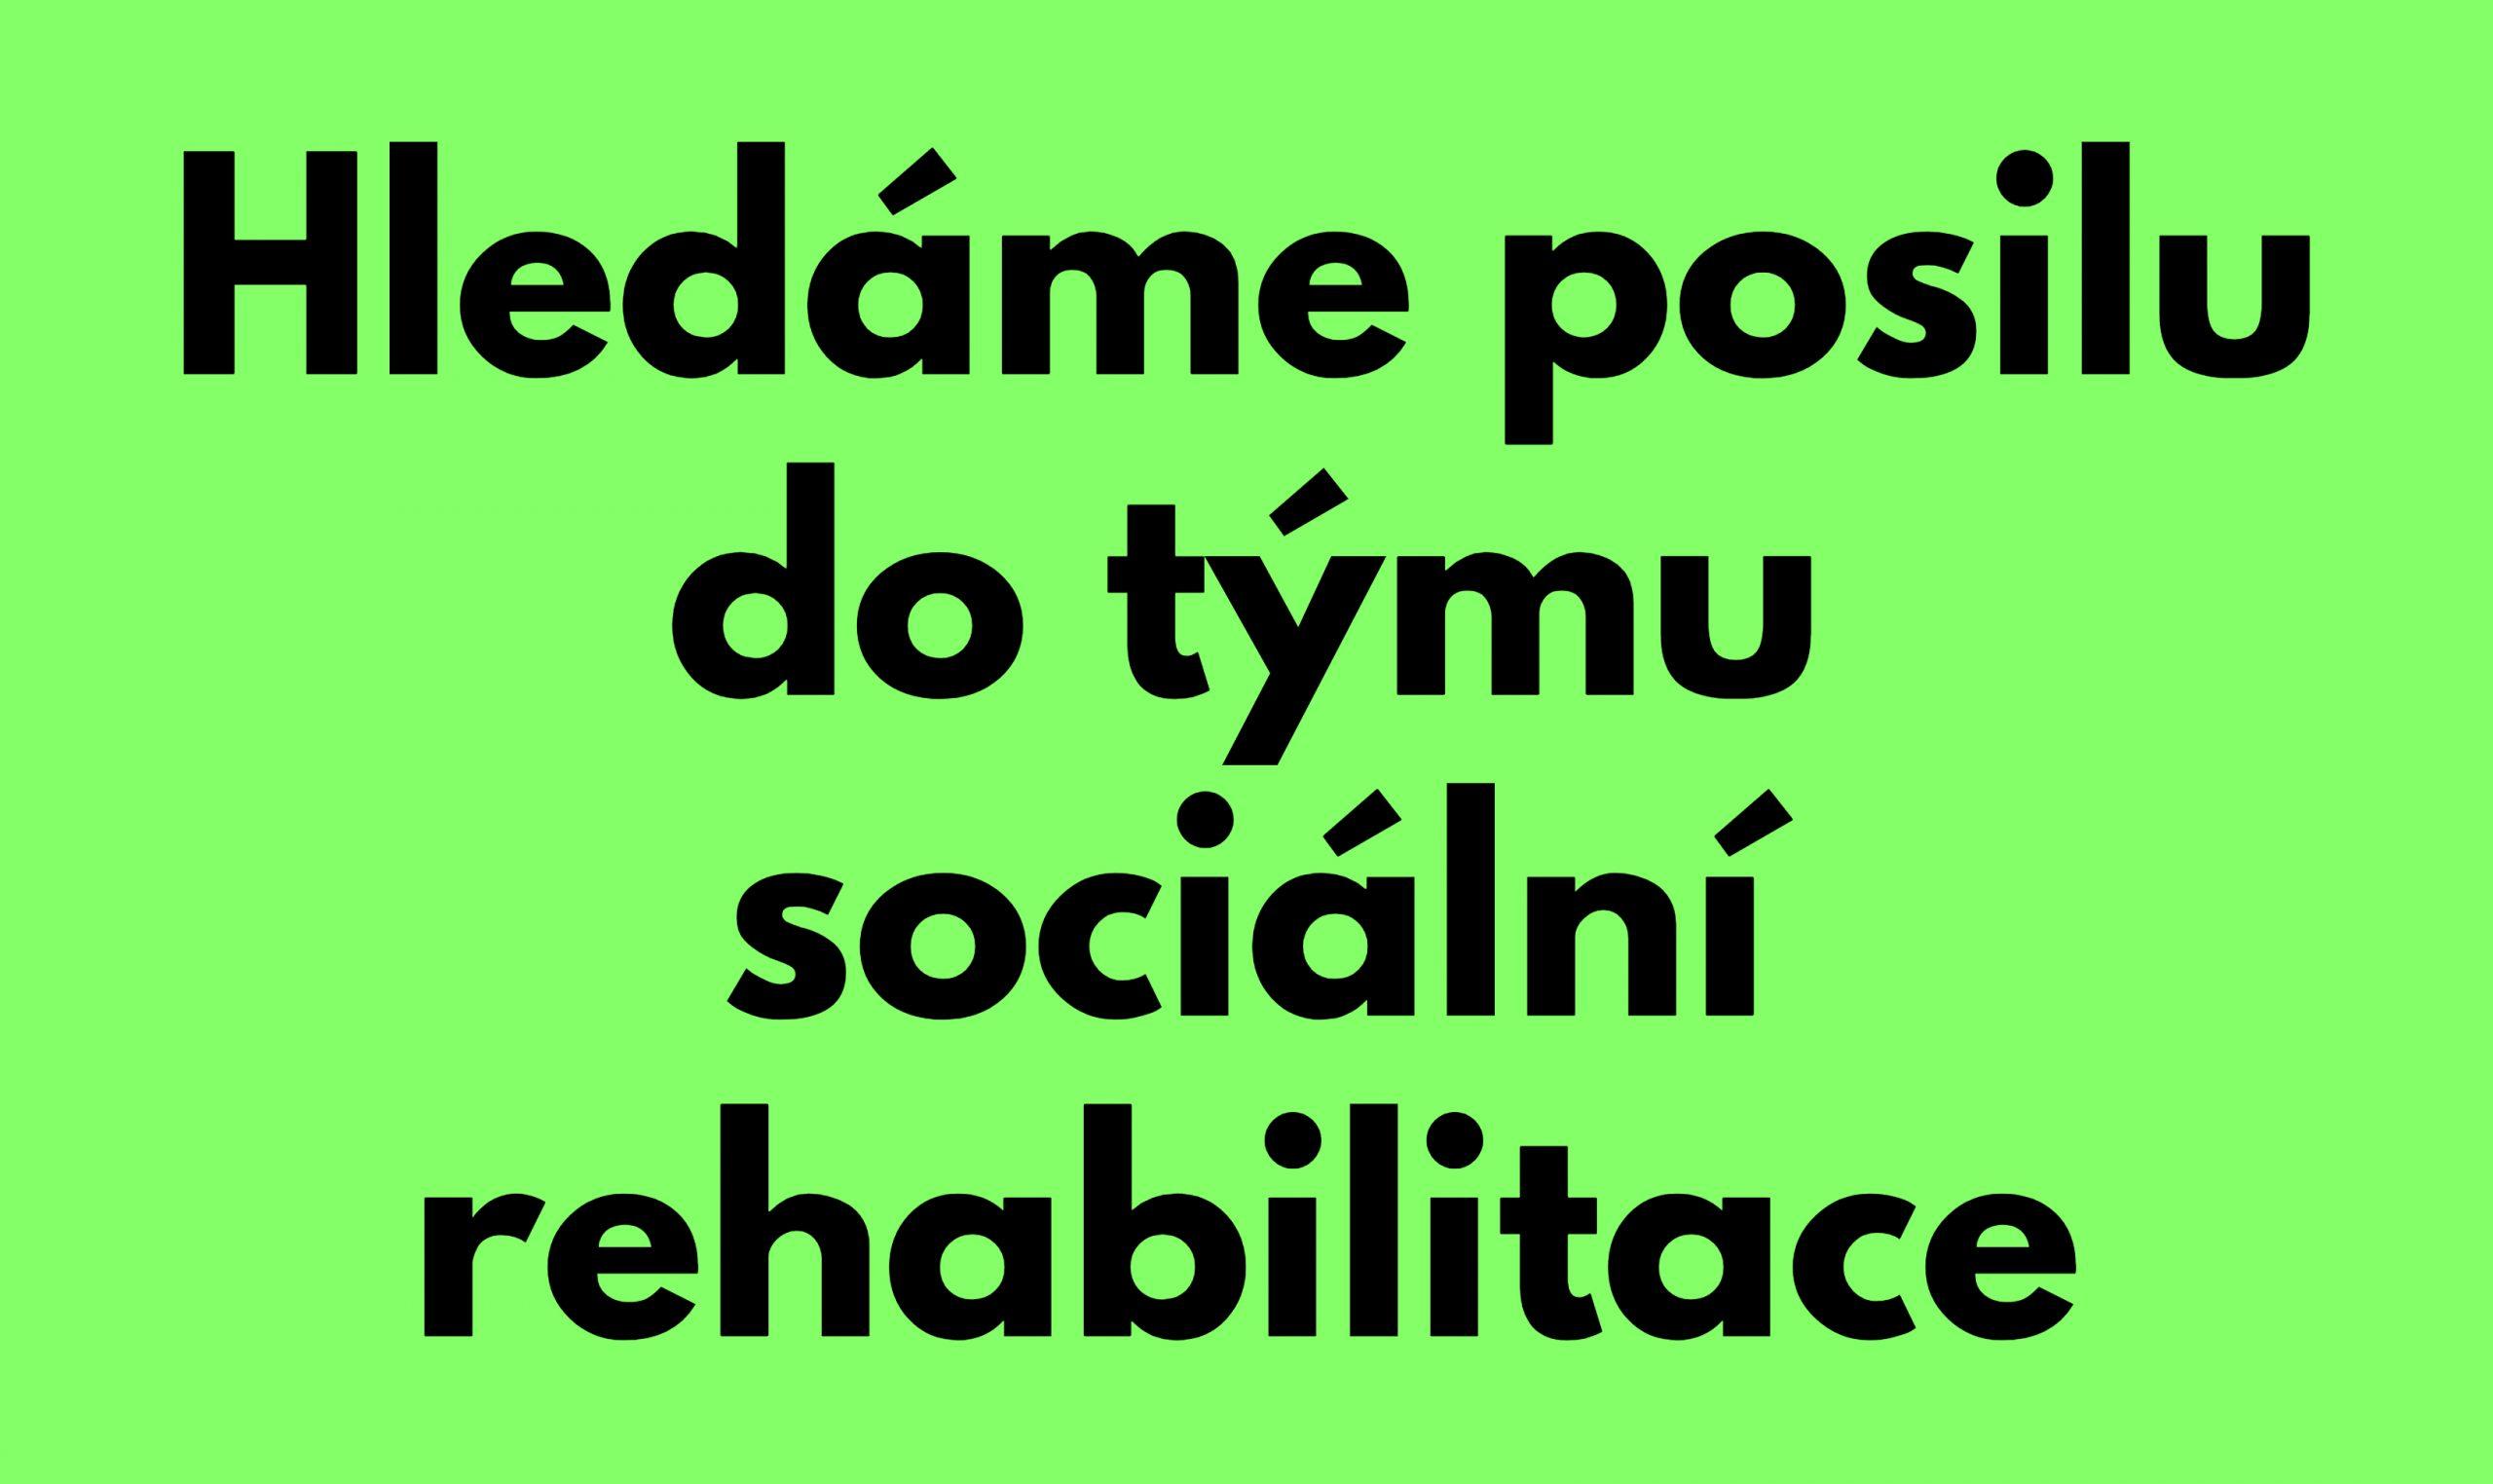 Hledáme posilu do týmu sociální rehabilitace!